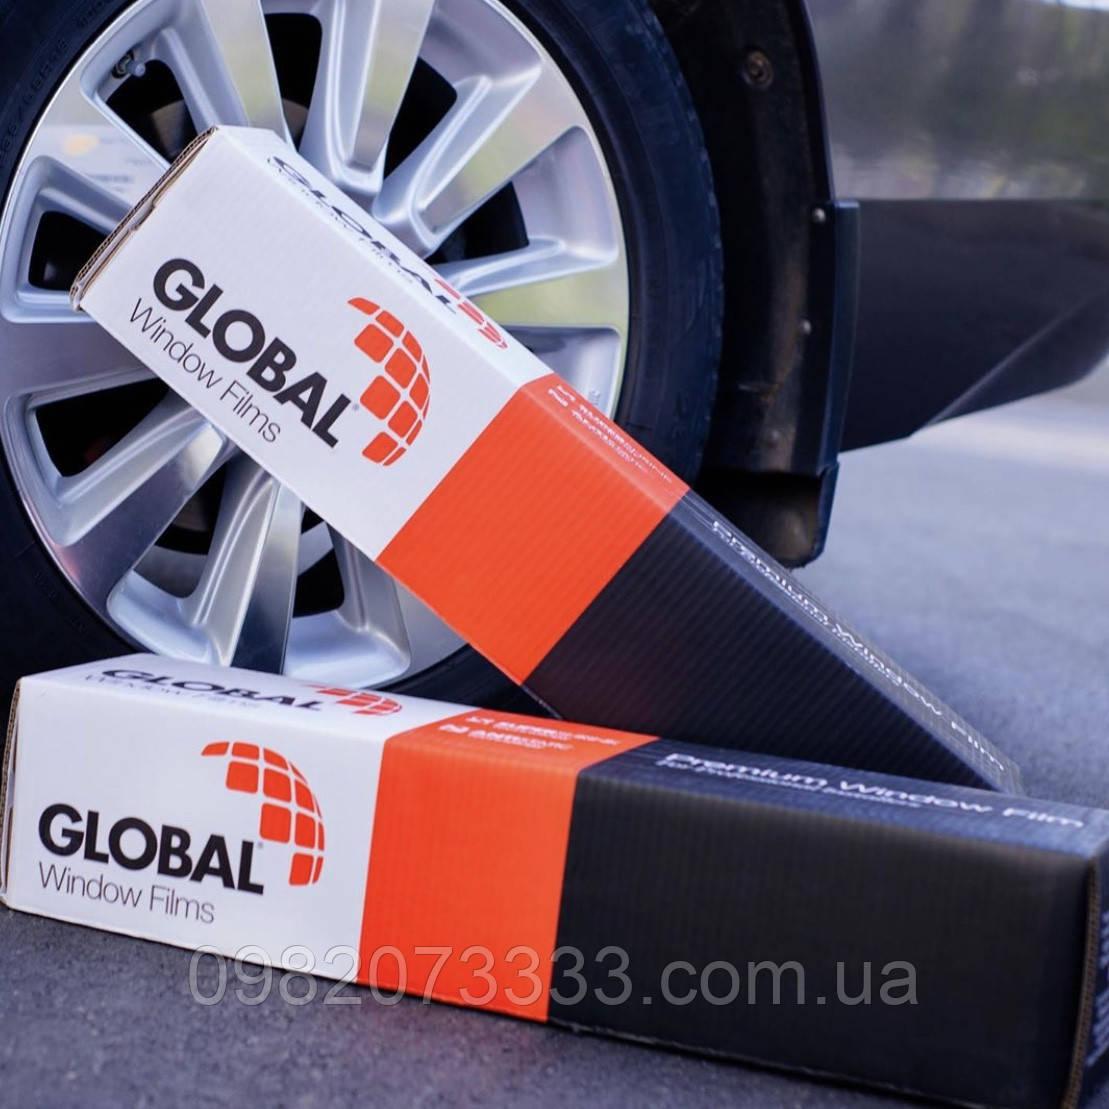 Автомобильная металлизированная солнцезащитная плёнка для тонировки стекол Global HPI CH 05 (15 м.п.)